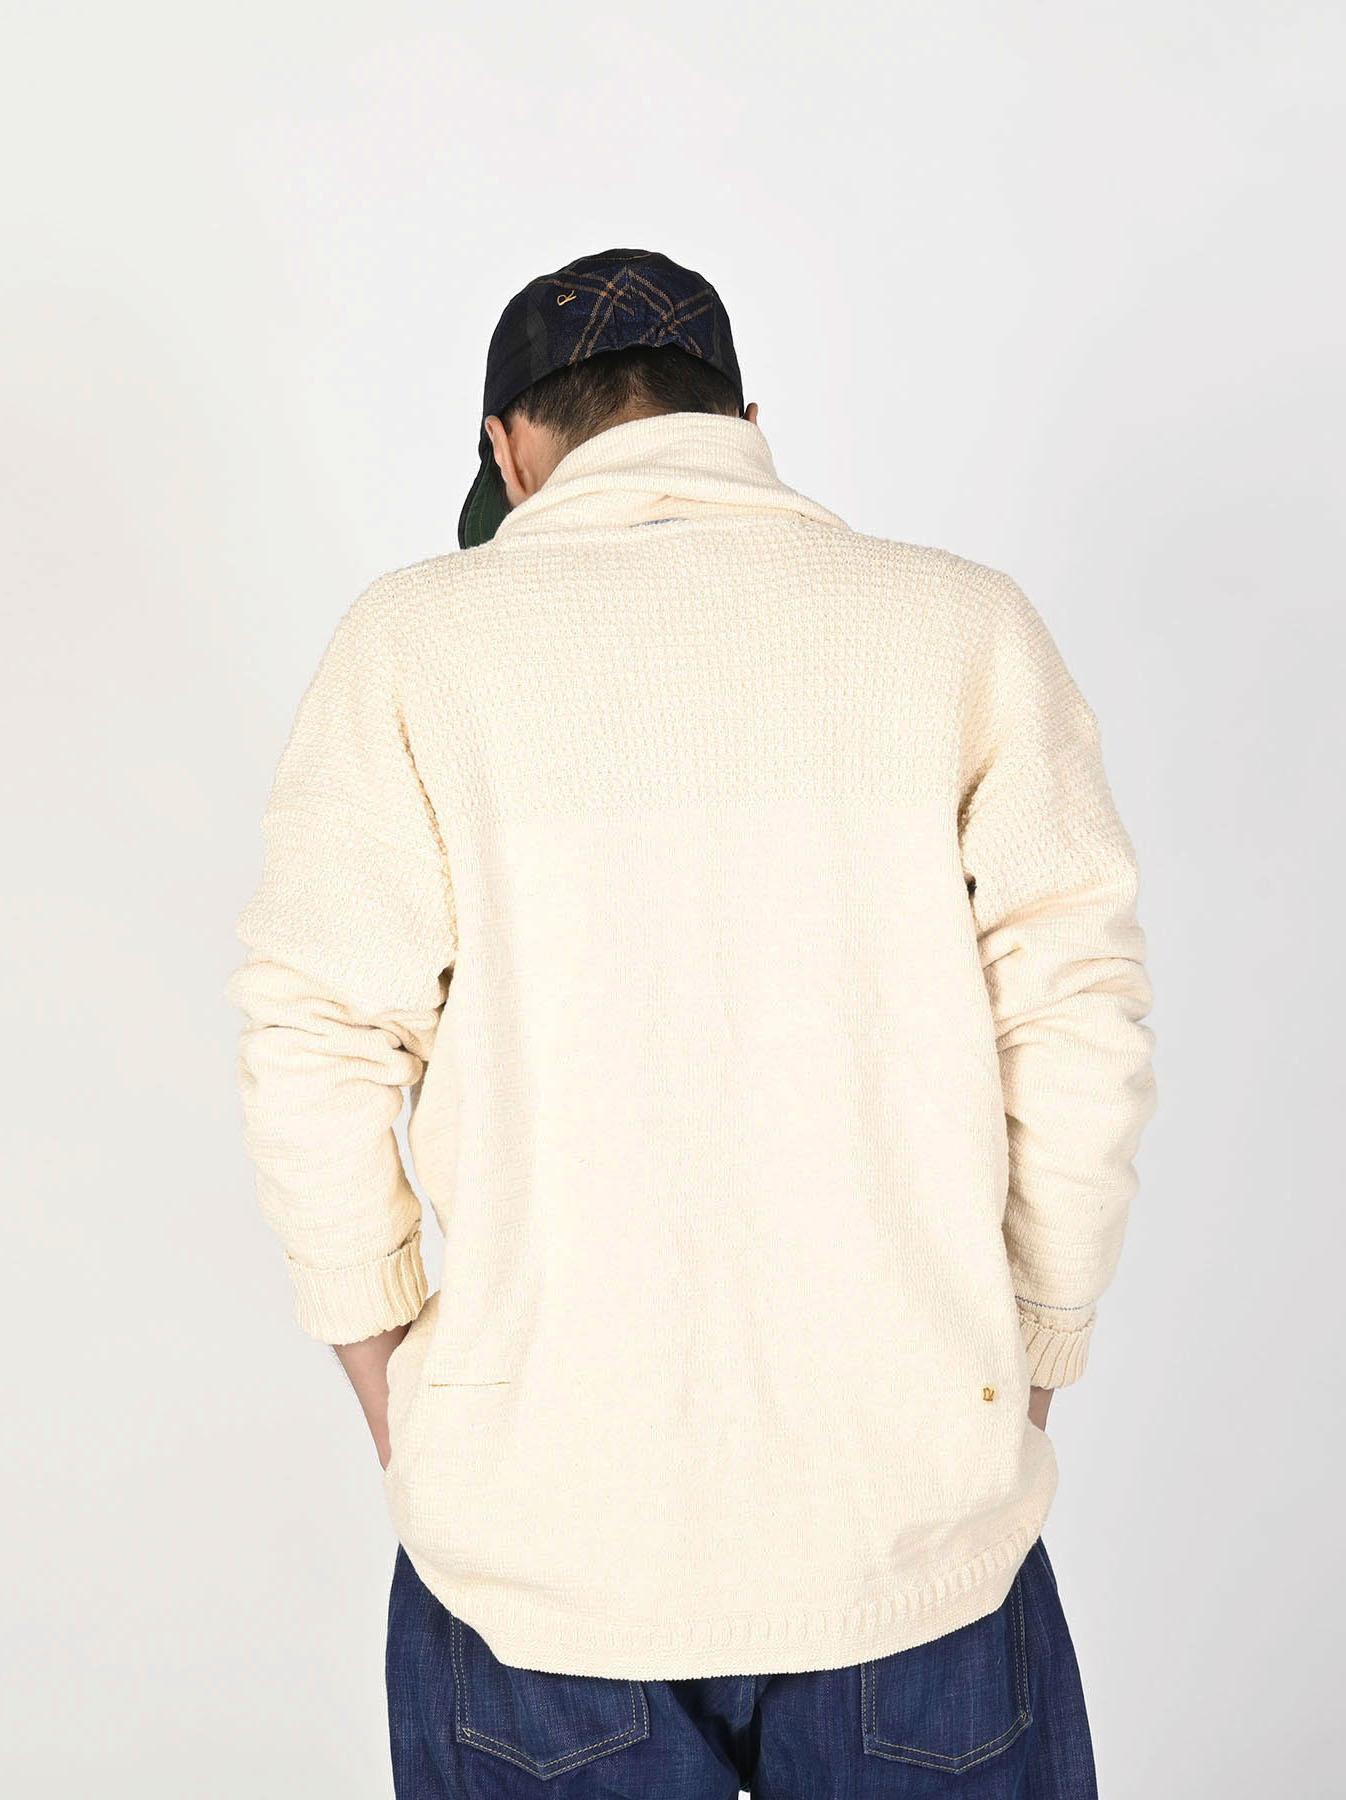 Stretch Knit Shawl Collar 908 Blouson-3